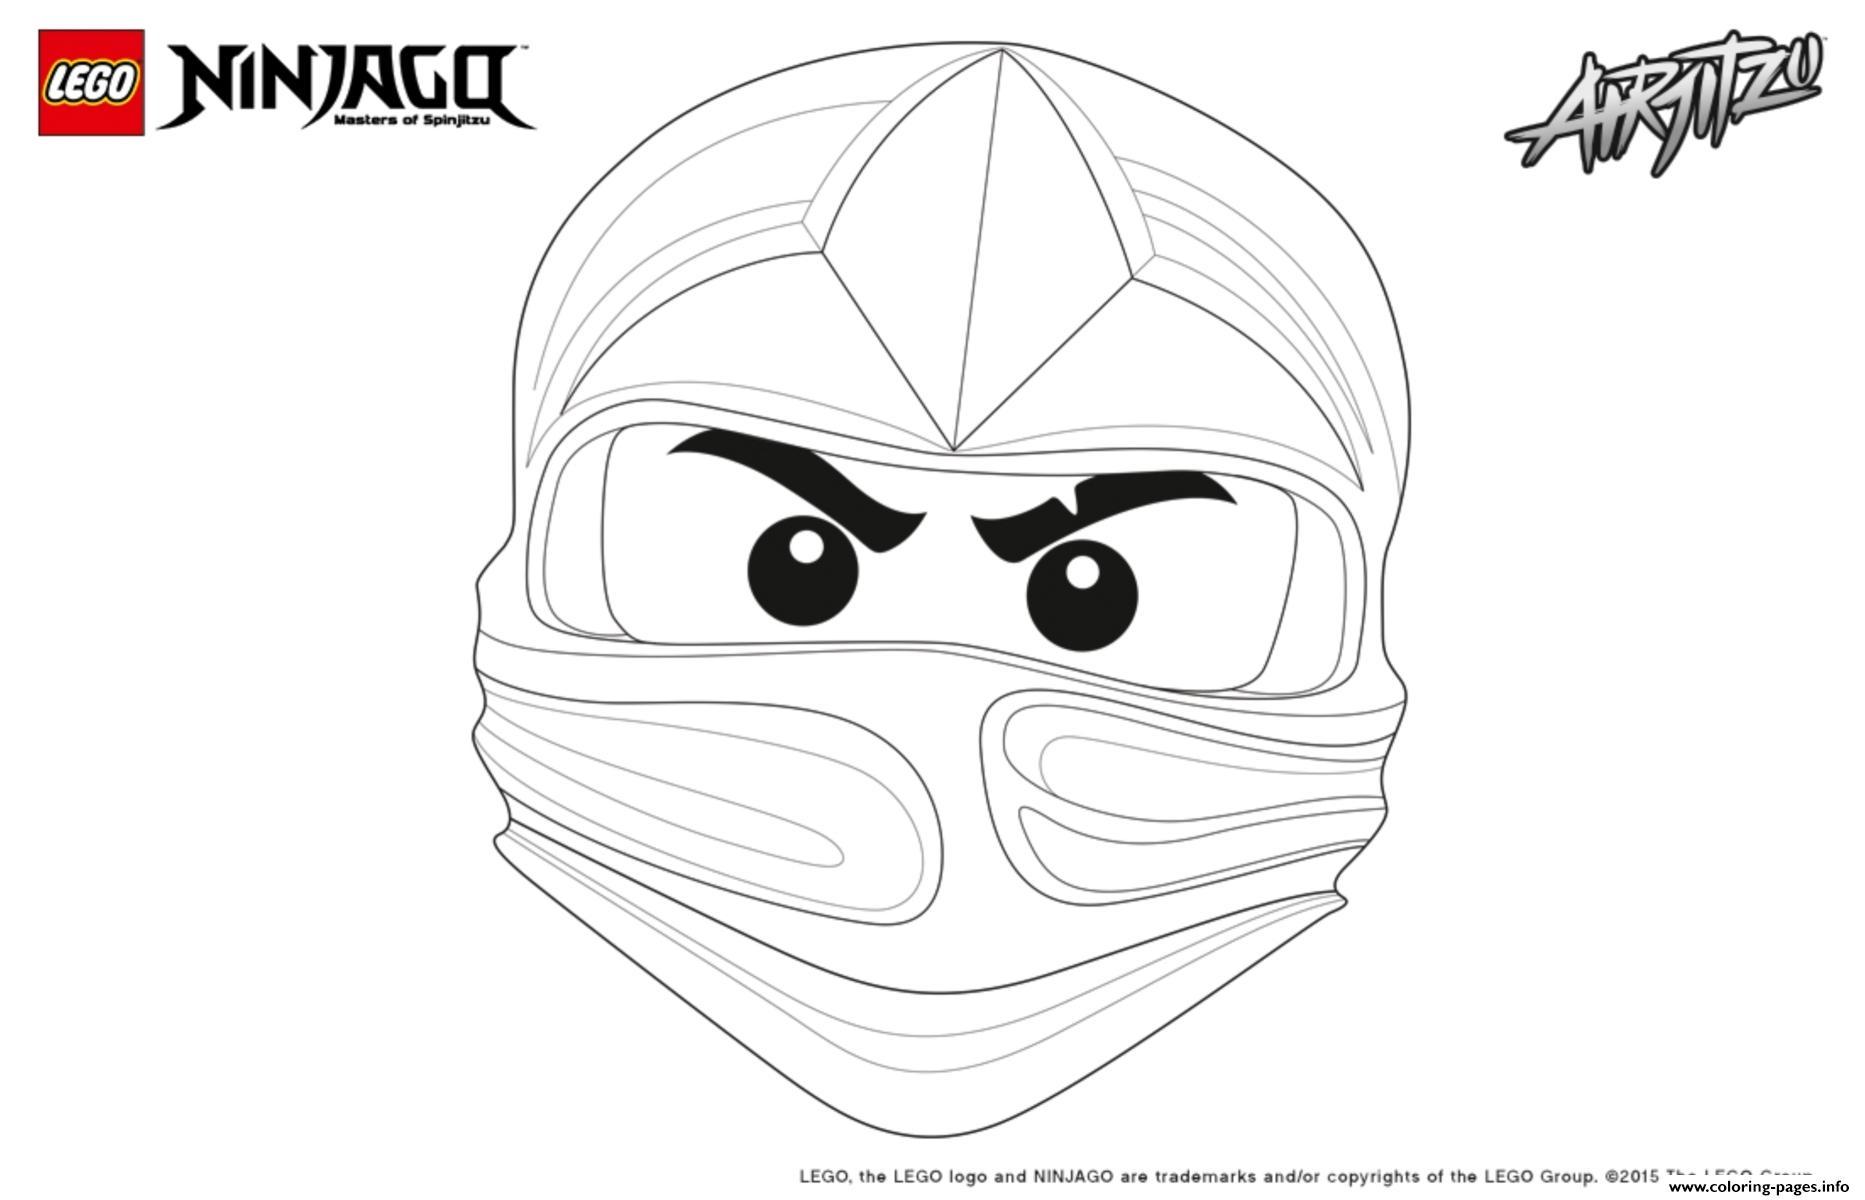 Ninjago Lego Kai Coloring Pages Printable